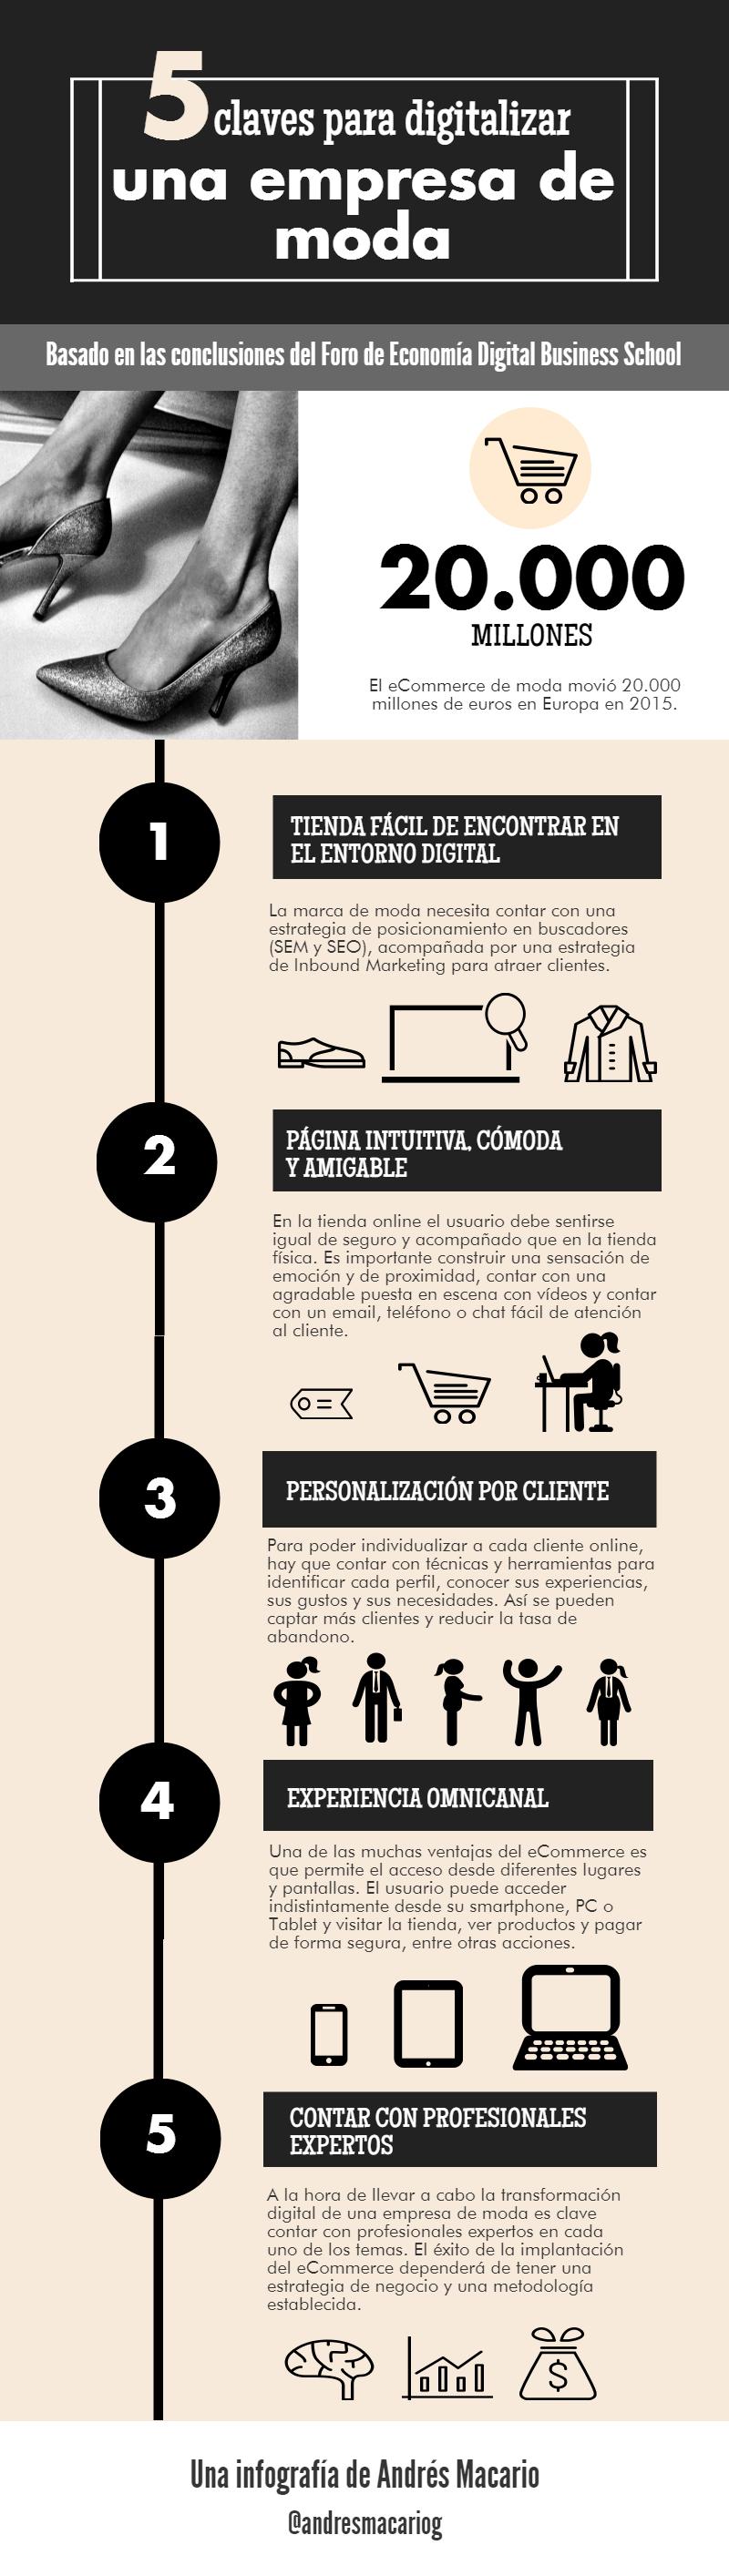 5 claves para digitalizar una empresa moda - Infografia Andres Macario